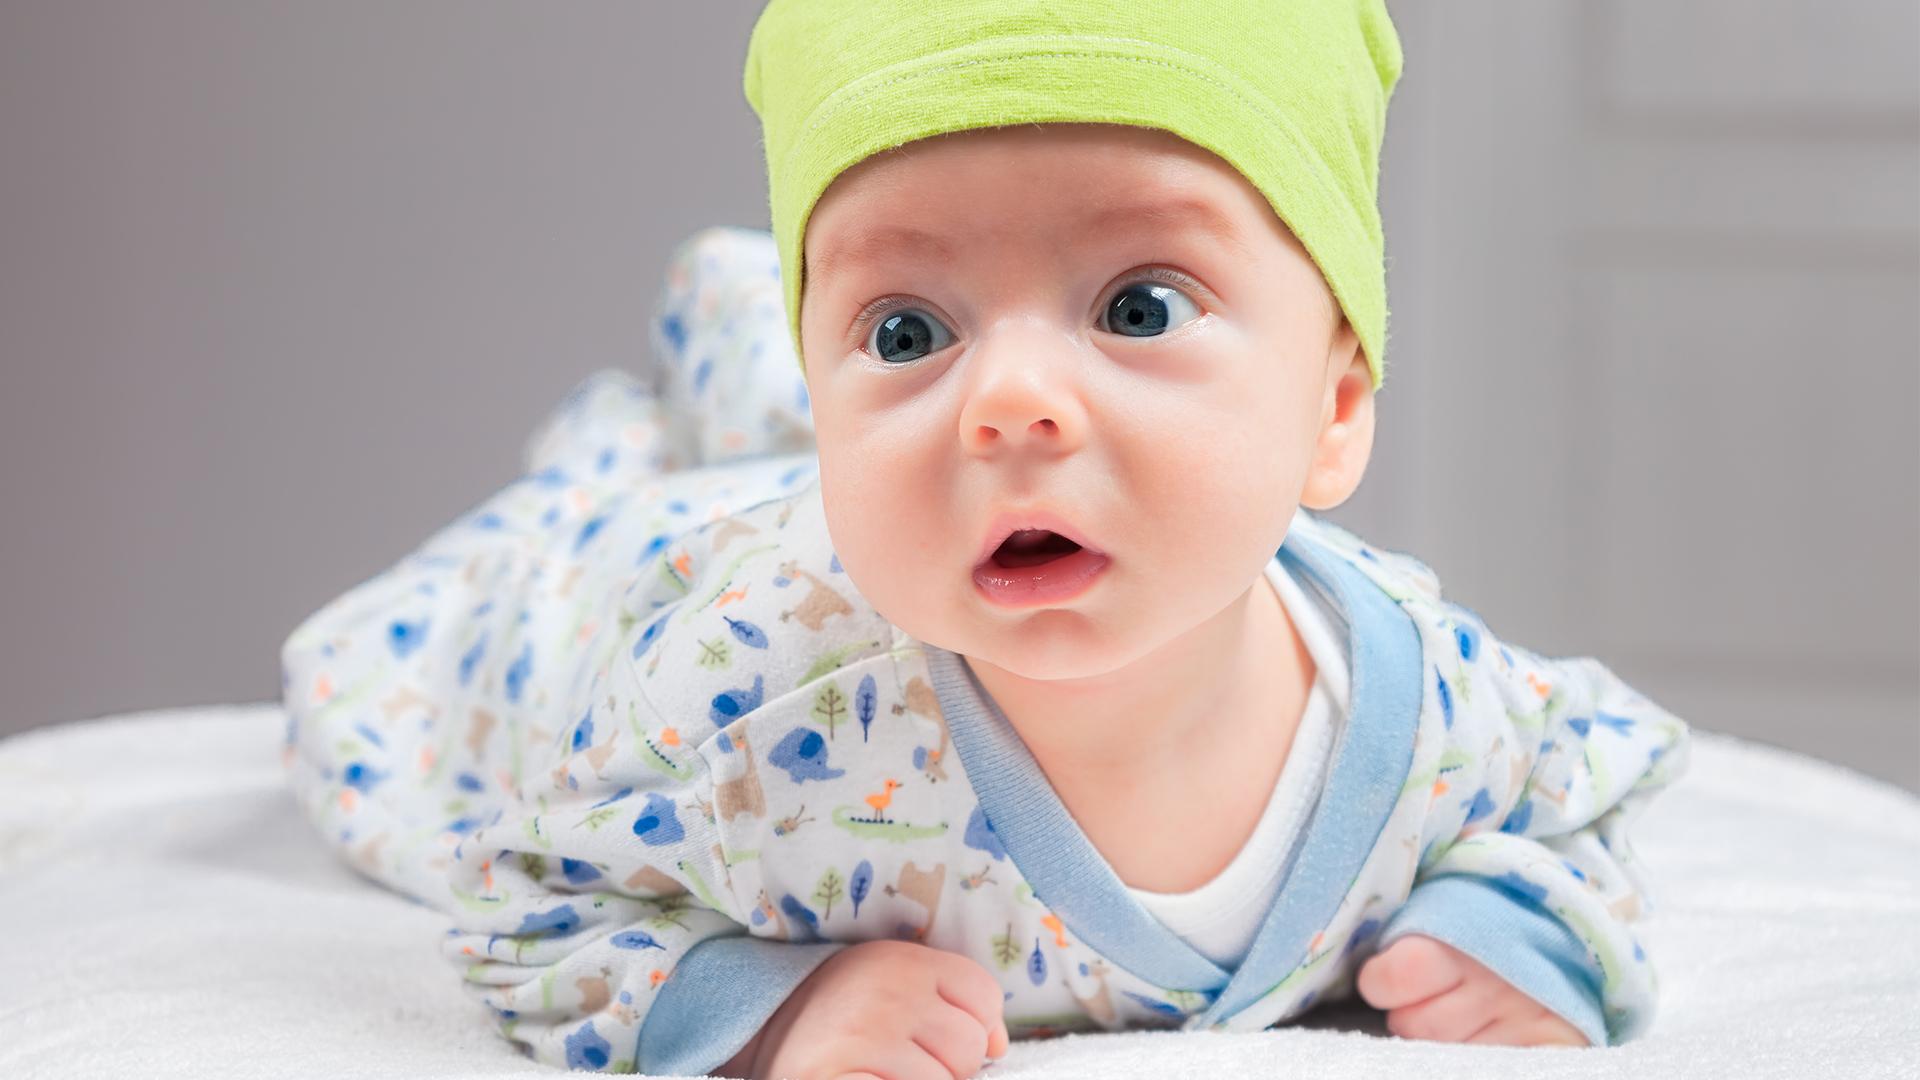 Prednol İğne 6 Aylık Bebeğe Uygulanması Hakkında